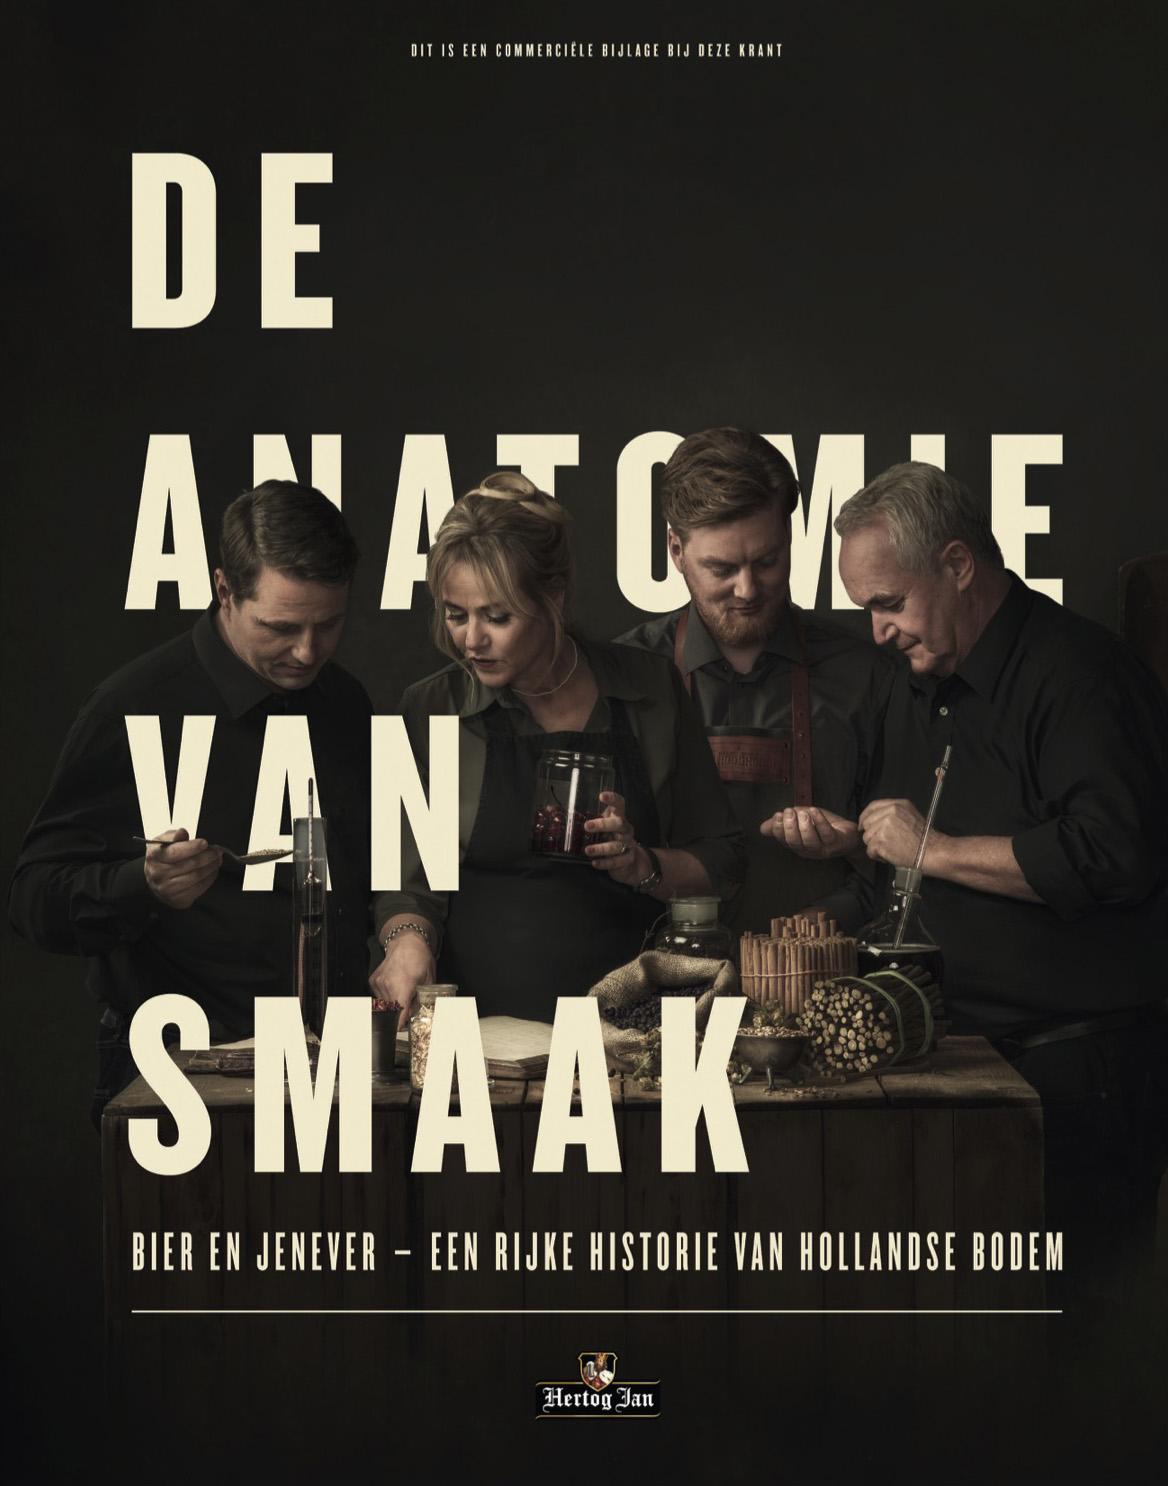 cover by  Gemmy Woud-Binnendijk